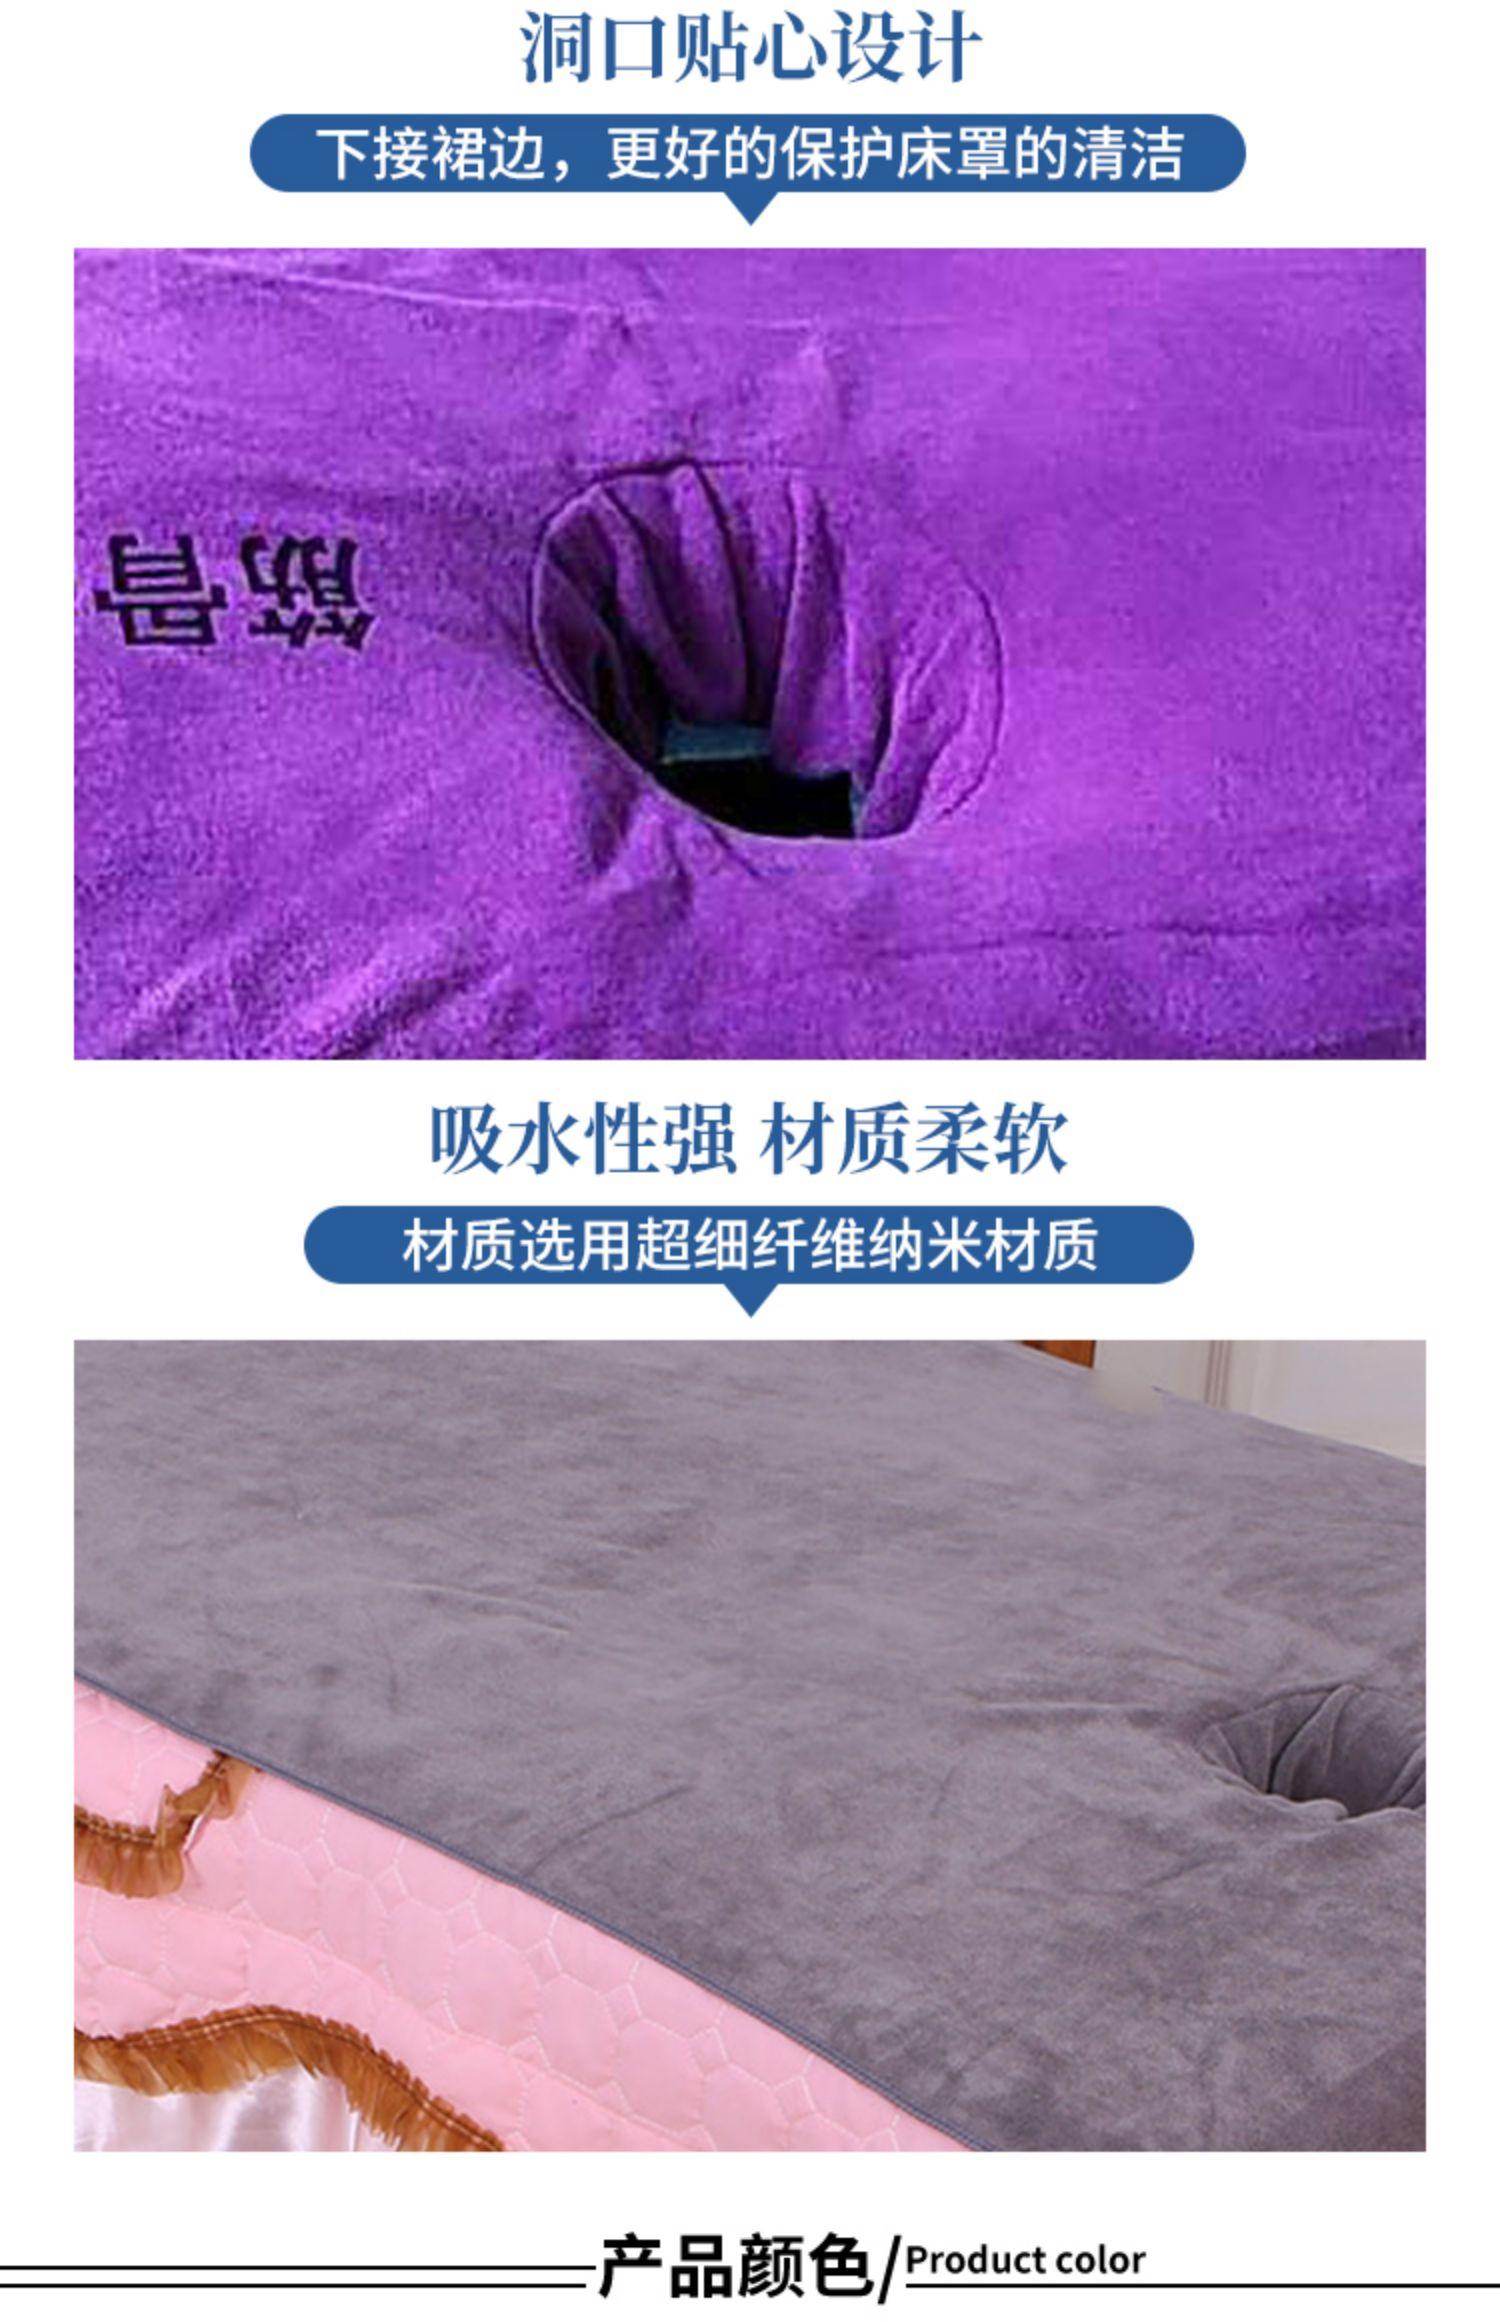 加厚美容院铺床毛巾理疗足浴按摩店专用开洞带洞不掉毛大浴巾床单商品详情图